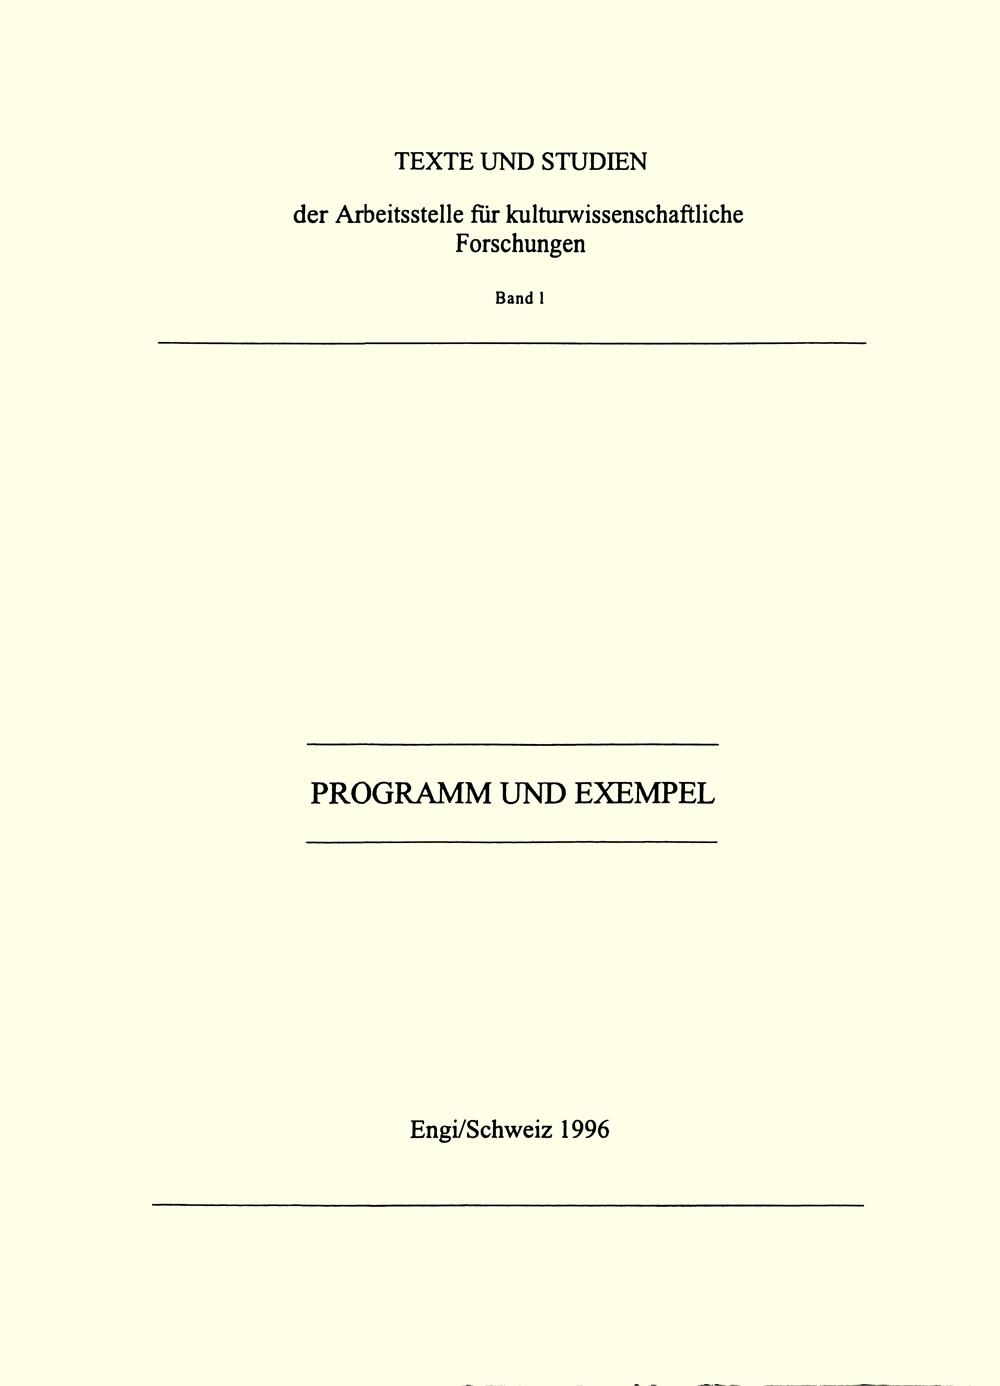 Texte und Studien, Band 1: Programm und Exempel